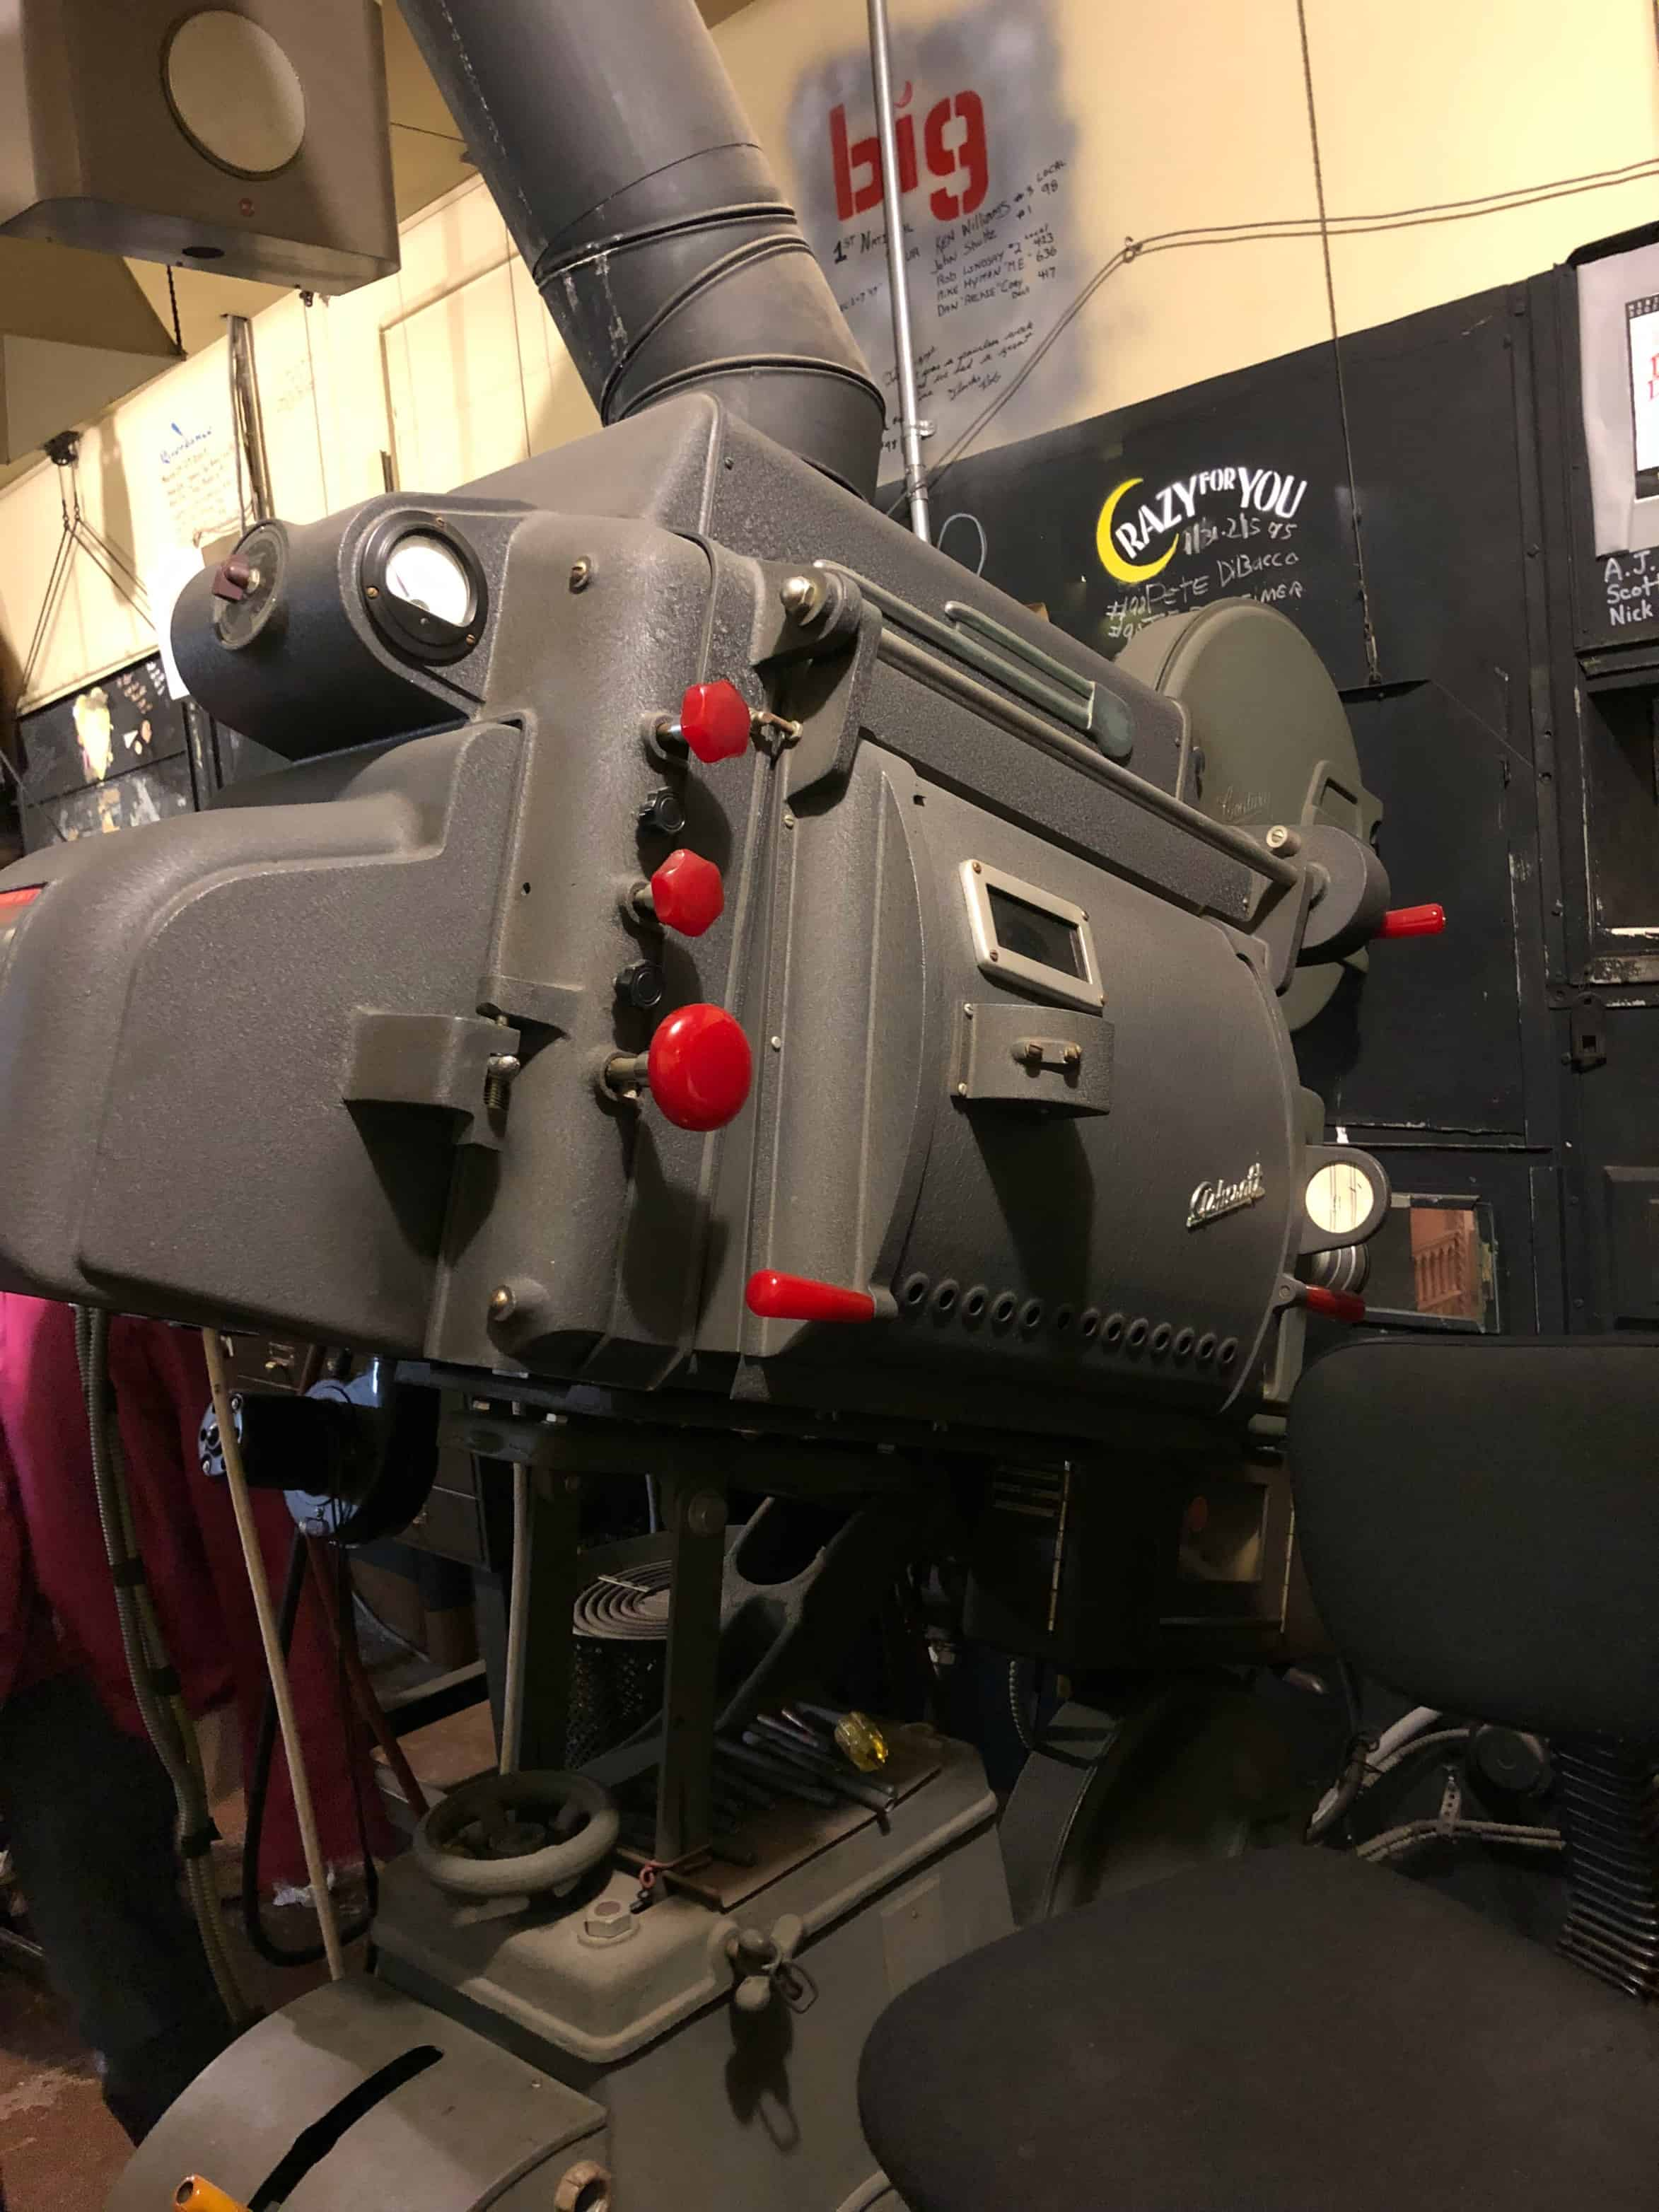 Hershey Theatre Projector